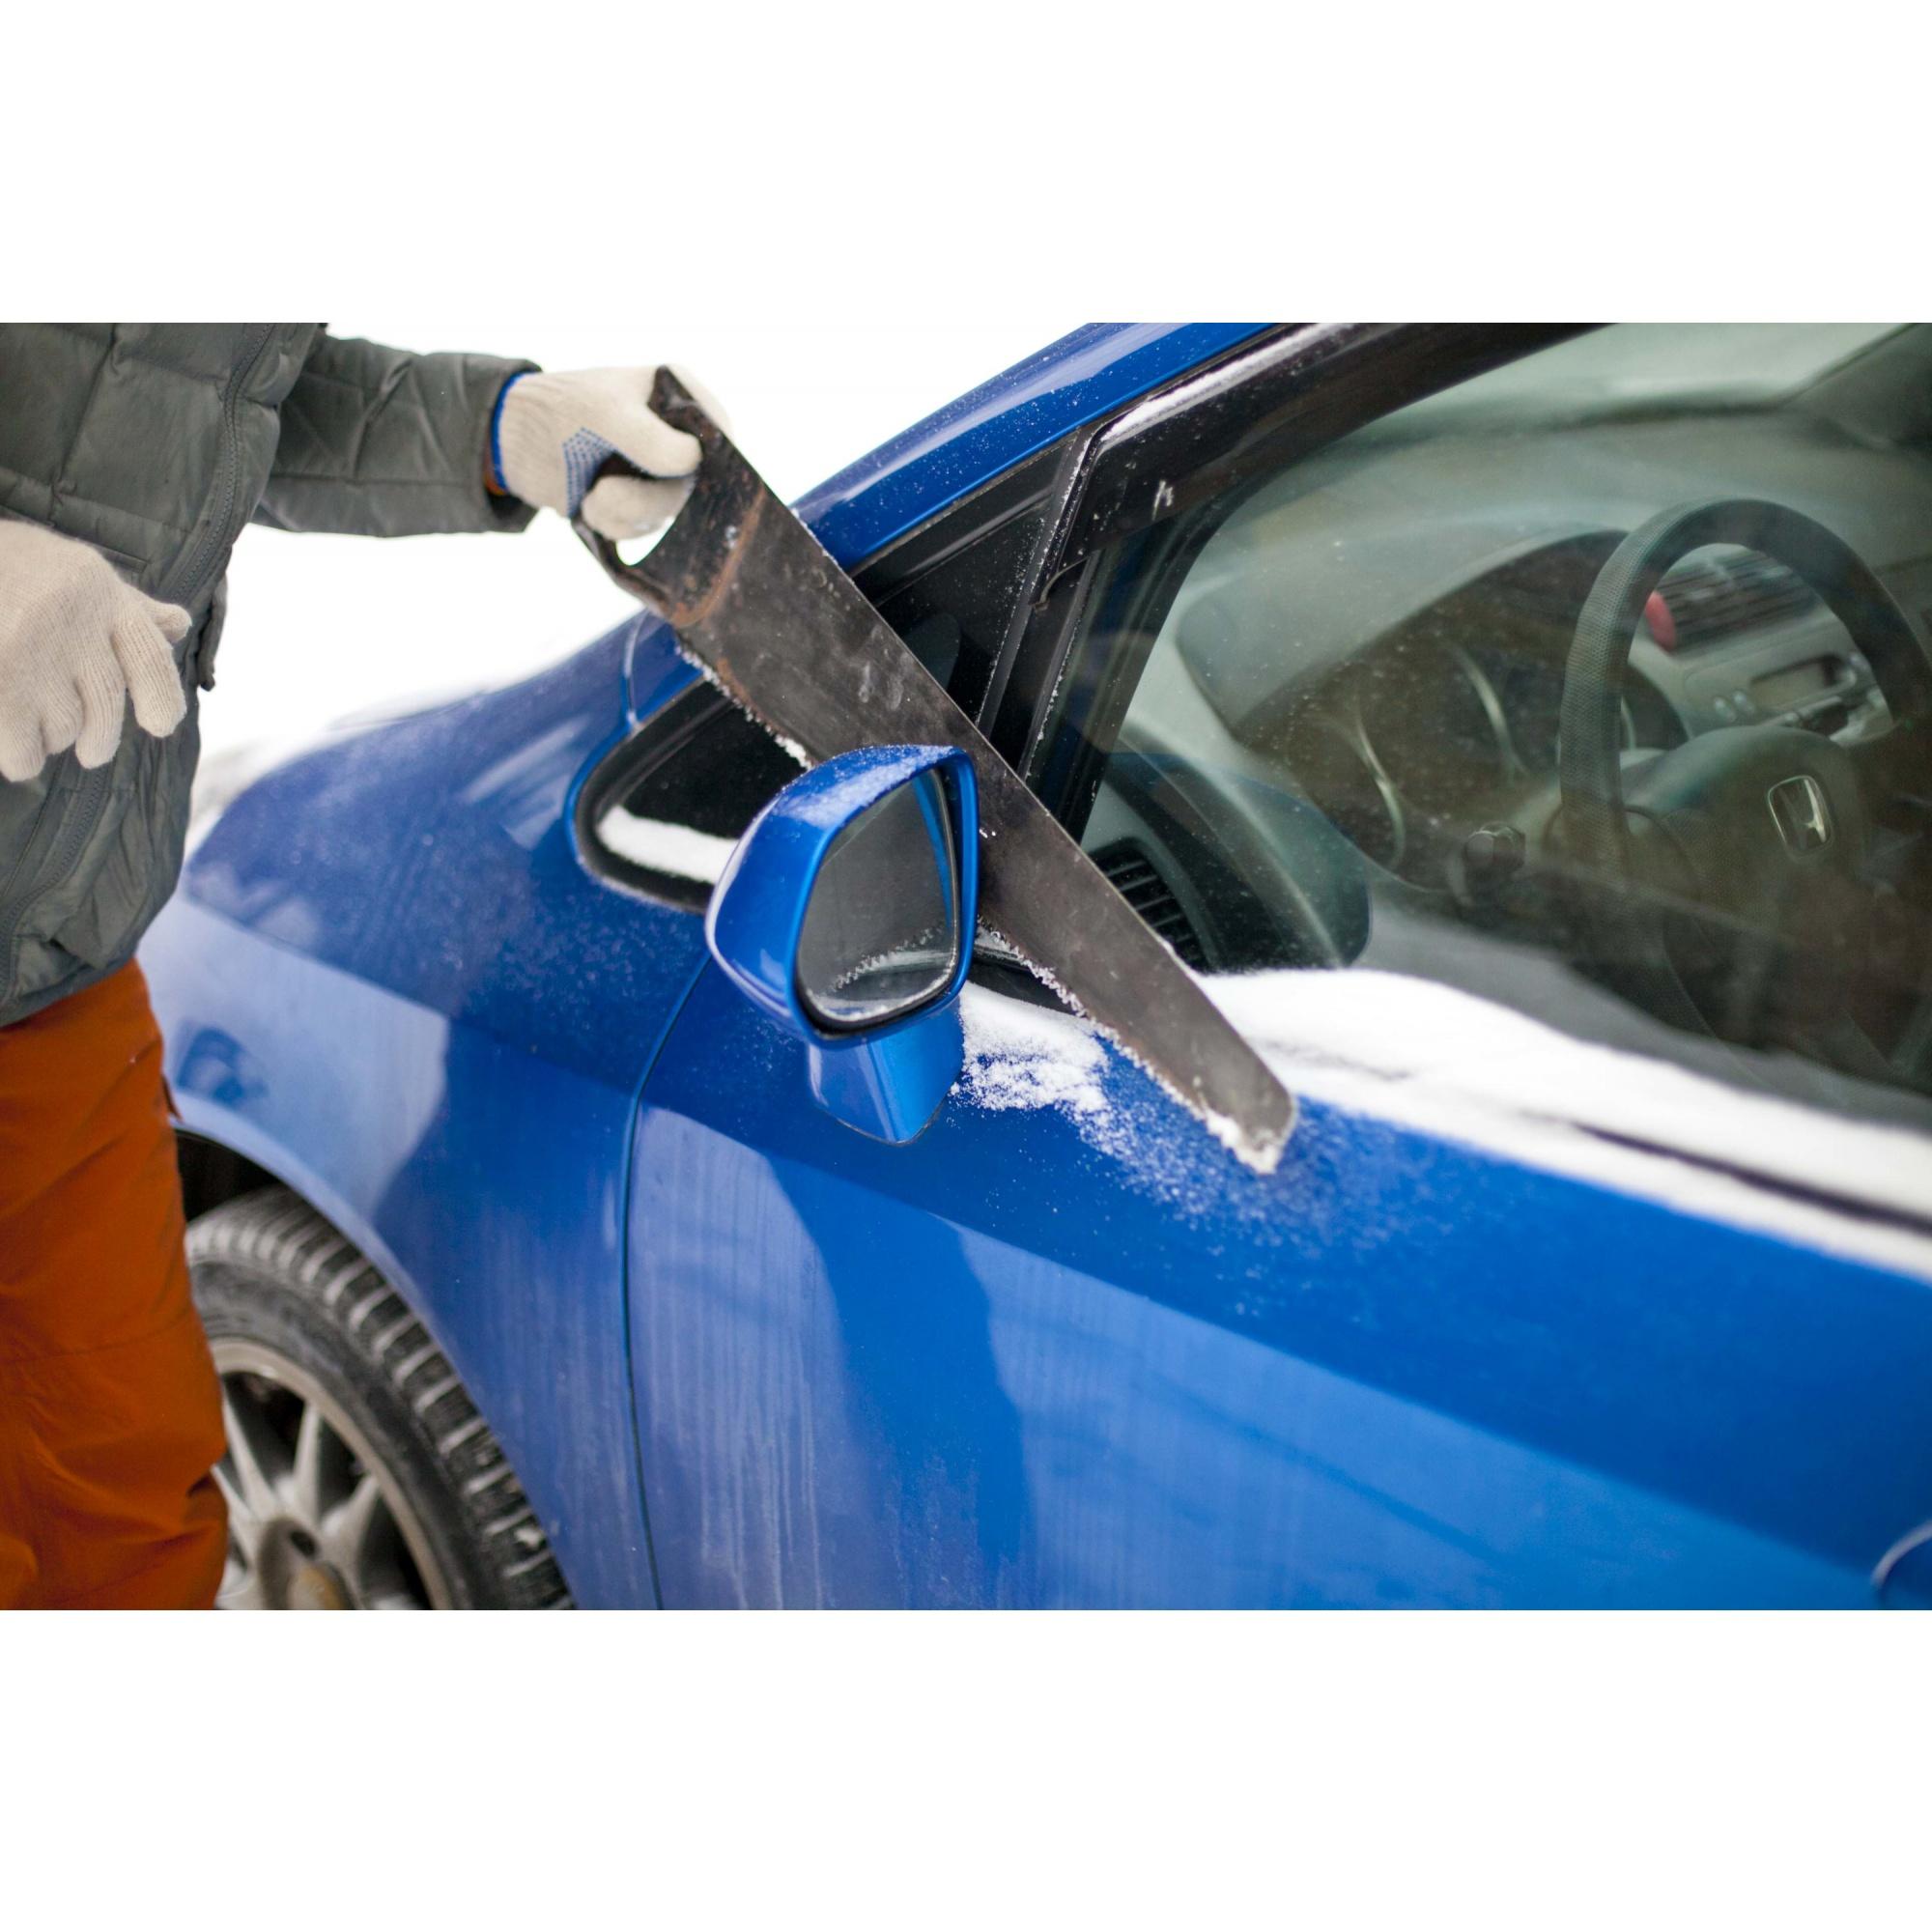 За вред автомобилю можно попасть под уголовное преследование